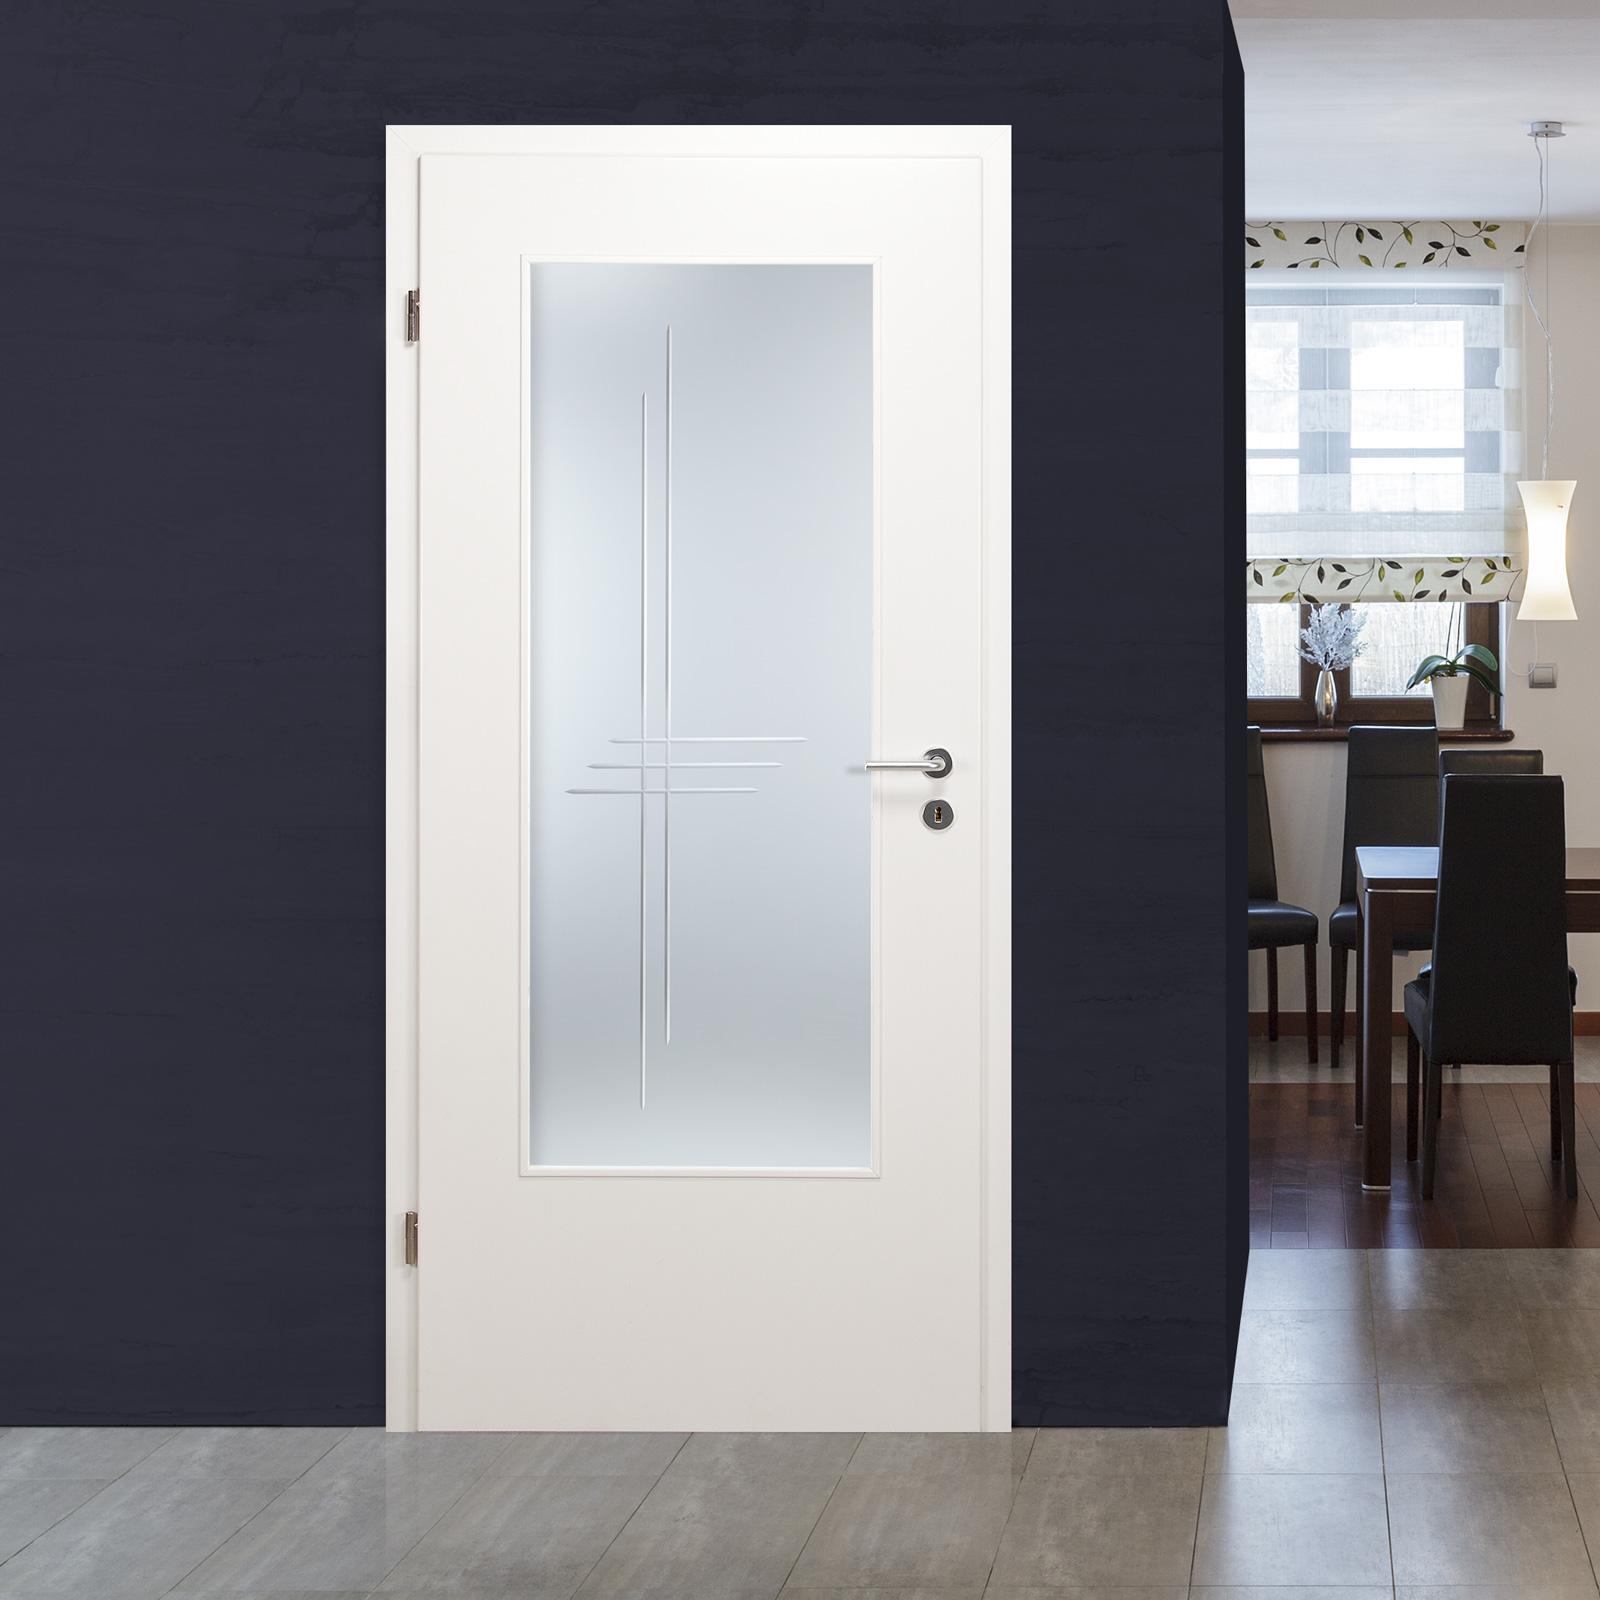 glaseinsatz f r holzt r satinato mit kristallrillenschliff lar 972 ebay. Black Bedroom Furniture Sets. Home Design Ideas